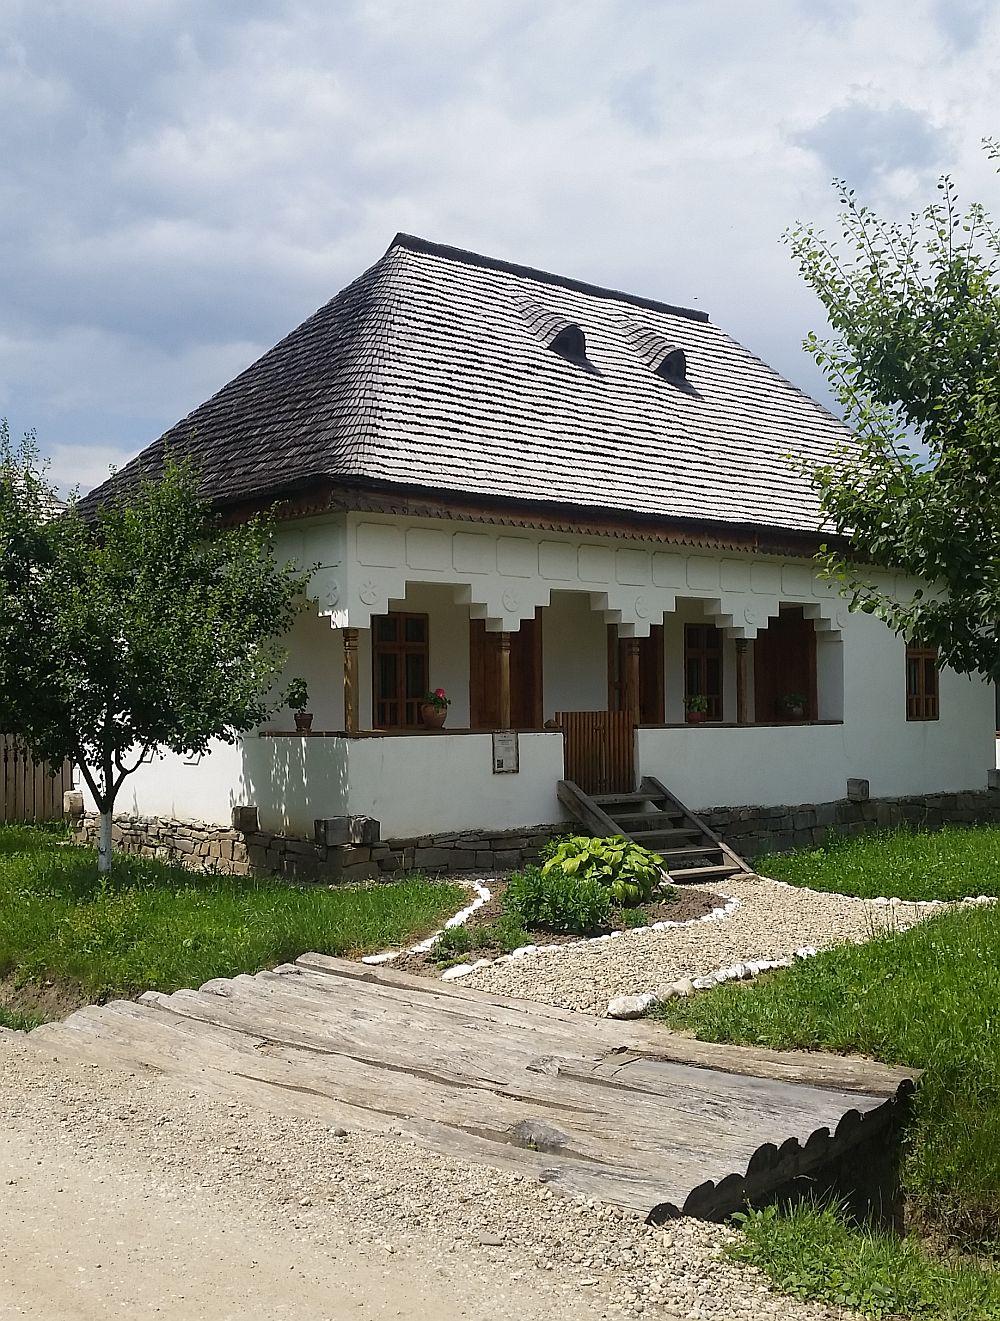 adelaparvu-com-despre-case-traditionale-romanesti-muzeul-viticulturii-si-pomiculturii-golesti-jud-arges-romania-foto-adela-parvu-14